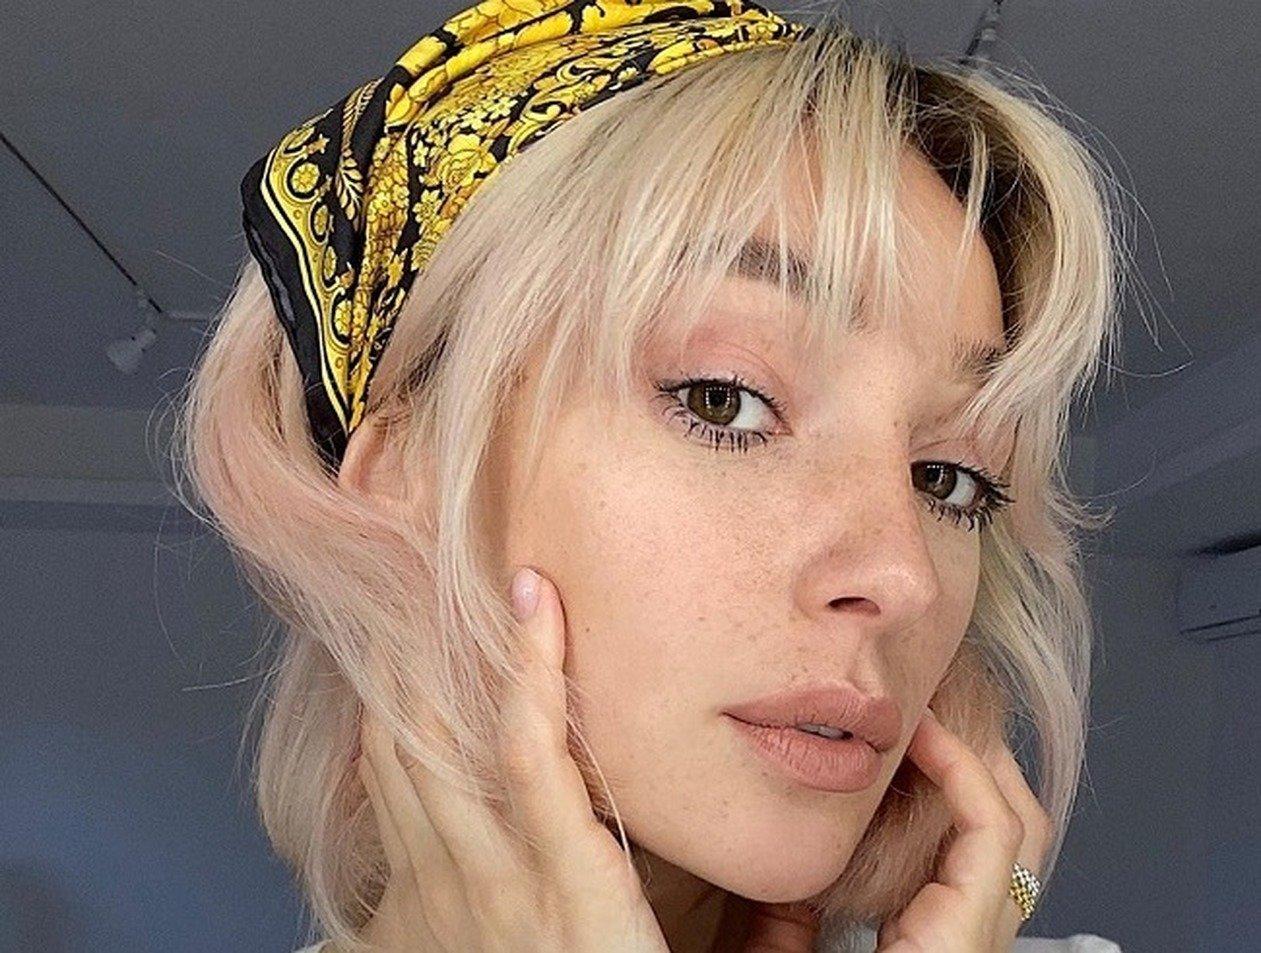 СМИ выяснили, сколько Ивлеевой заплатят за «Орел и решку»